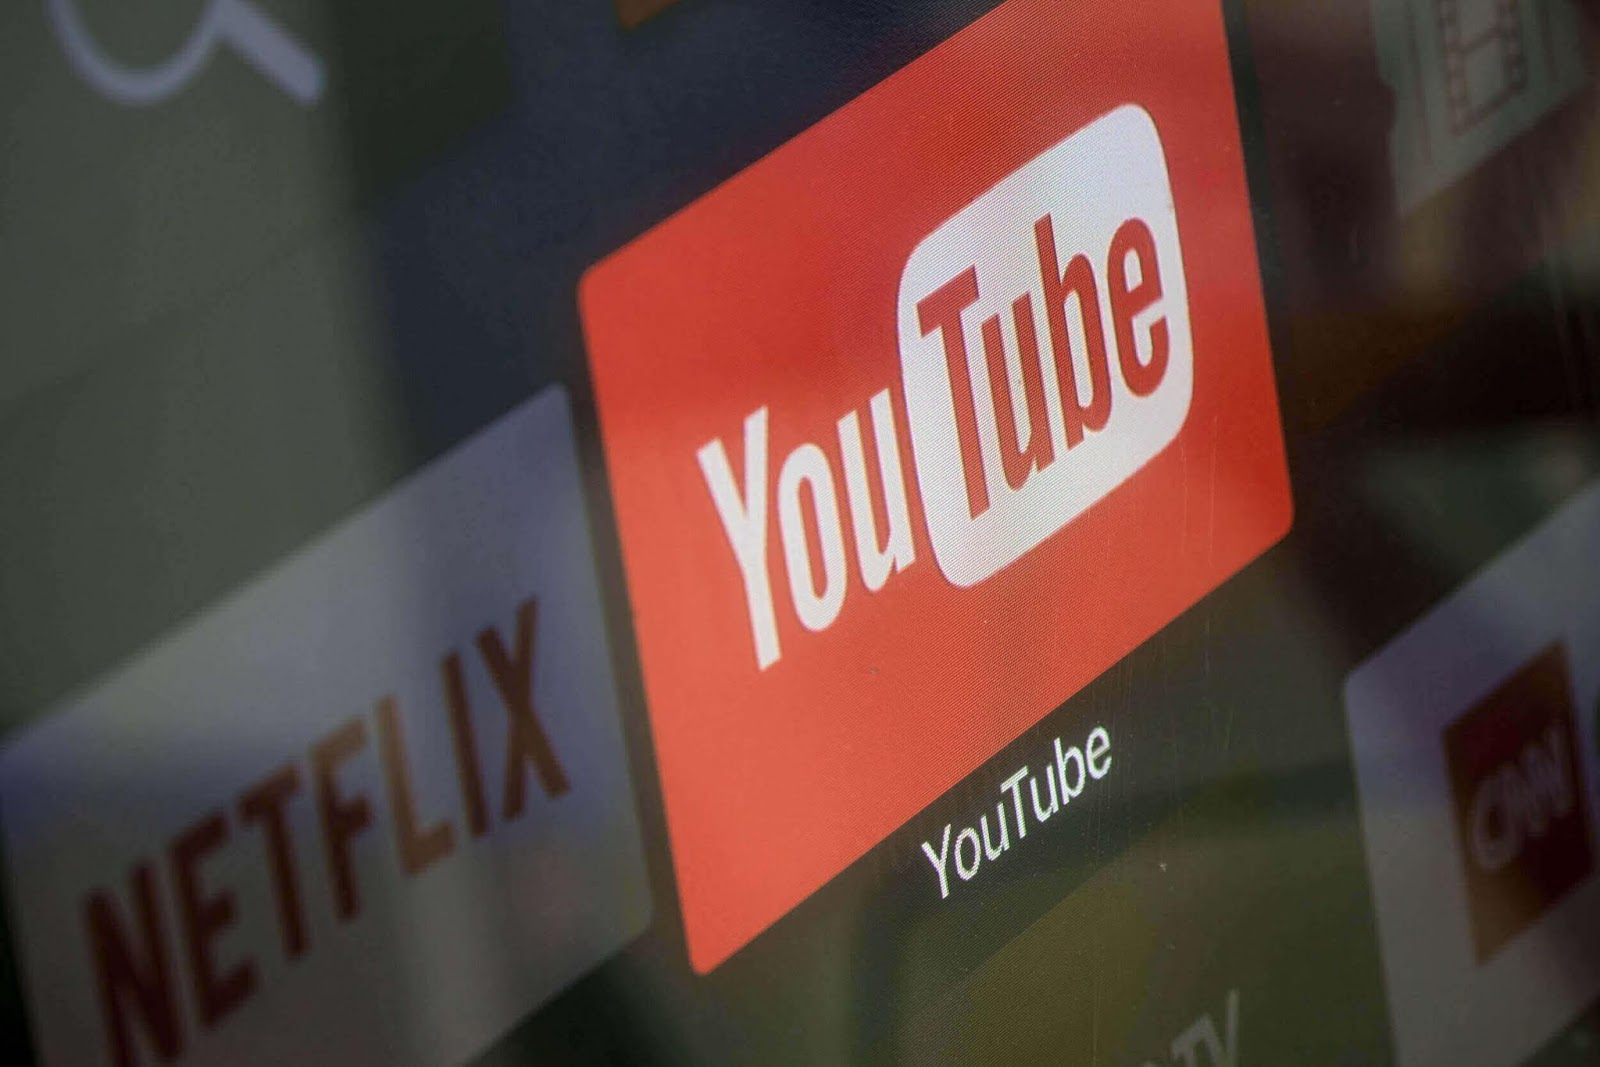 Trafik Internet Tinggi, Youtube dan Netflix Turunkan Kualitas Video di Eropa